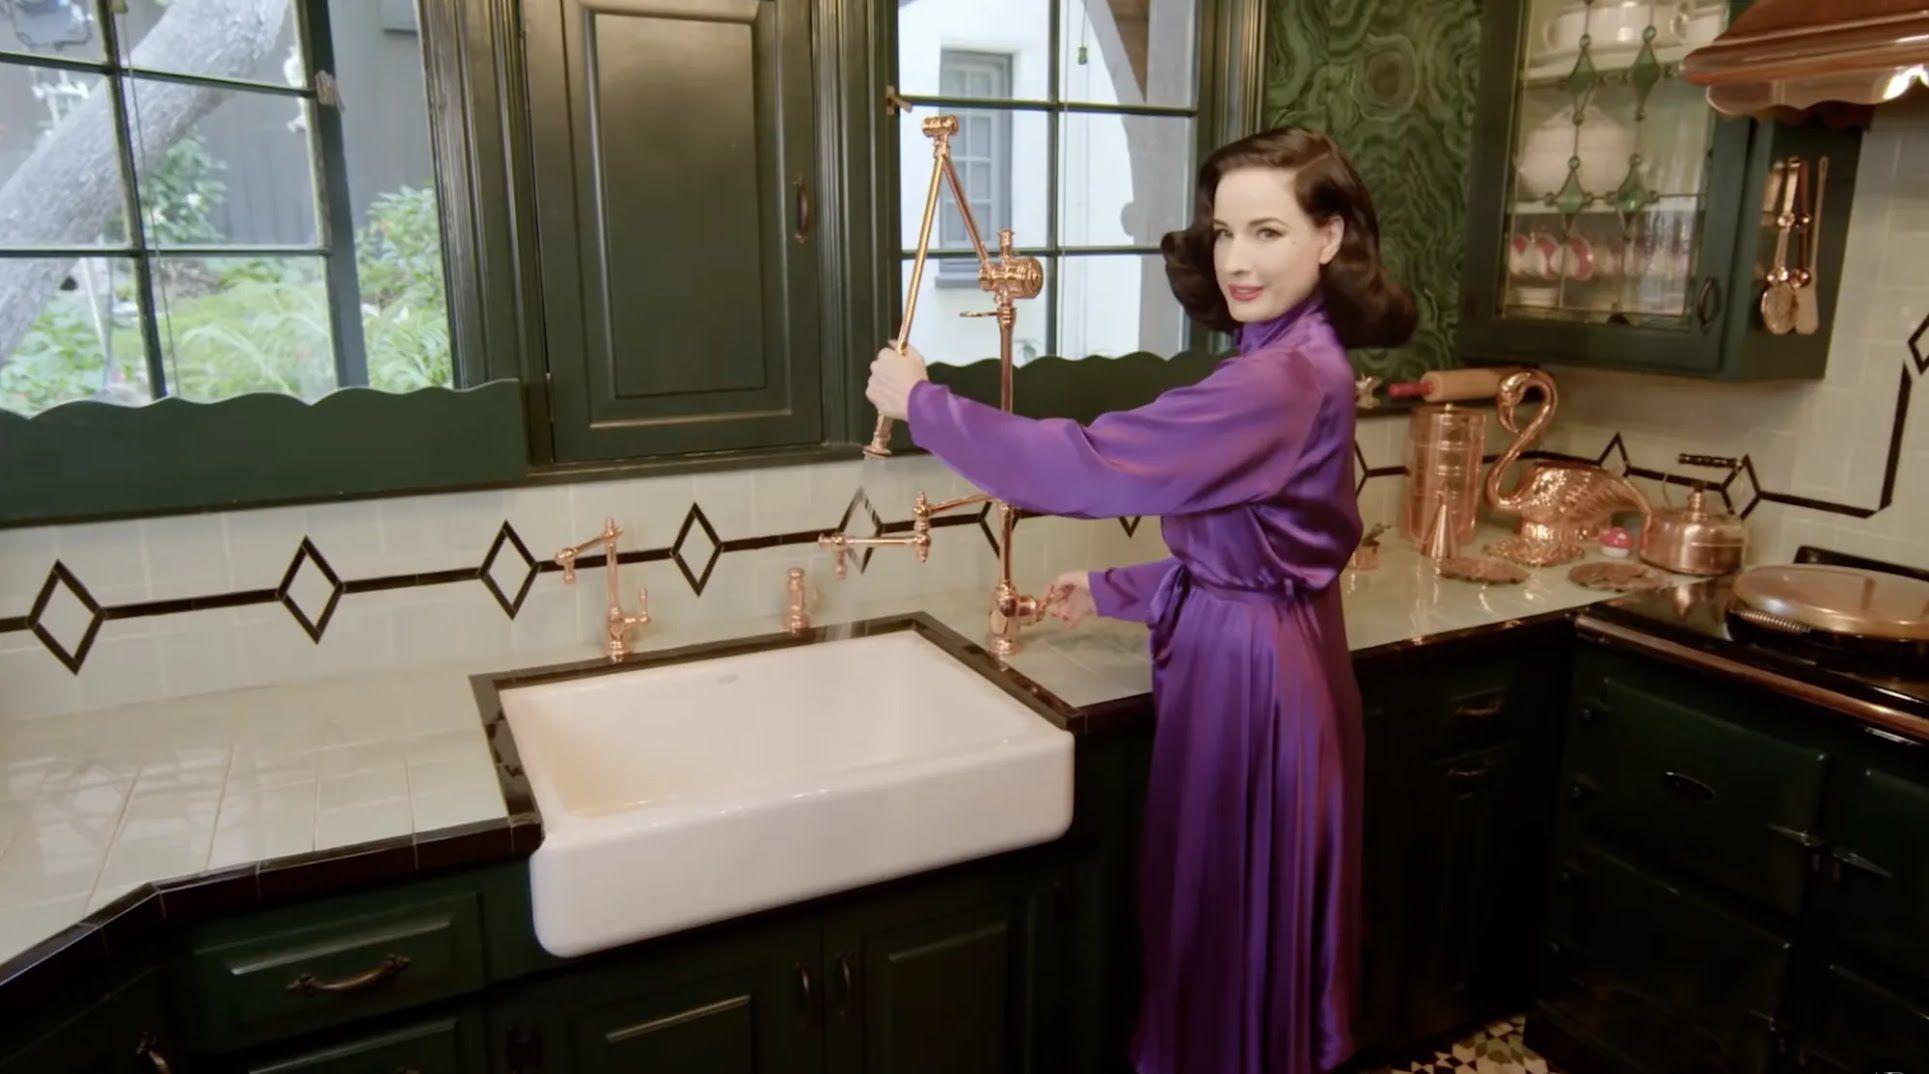 На кухне Диты фон Тиз много винтажных вещей.